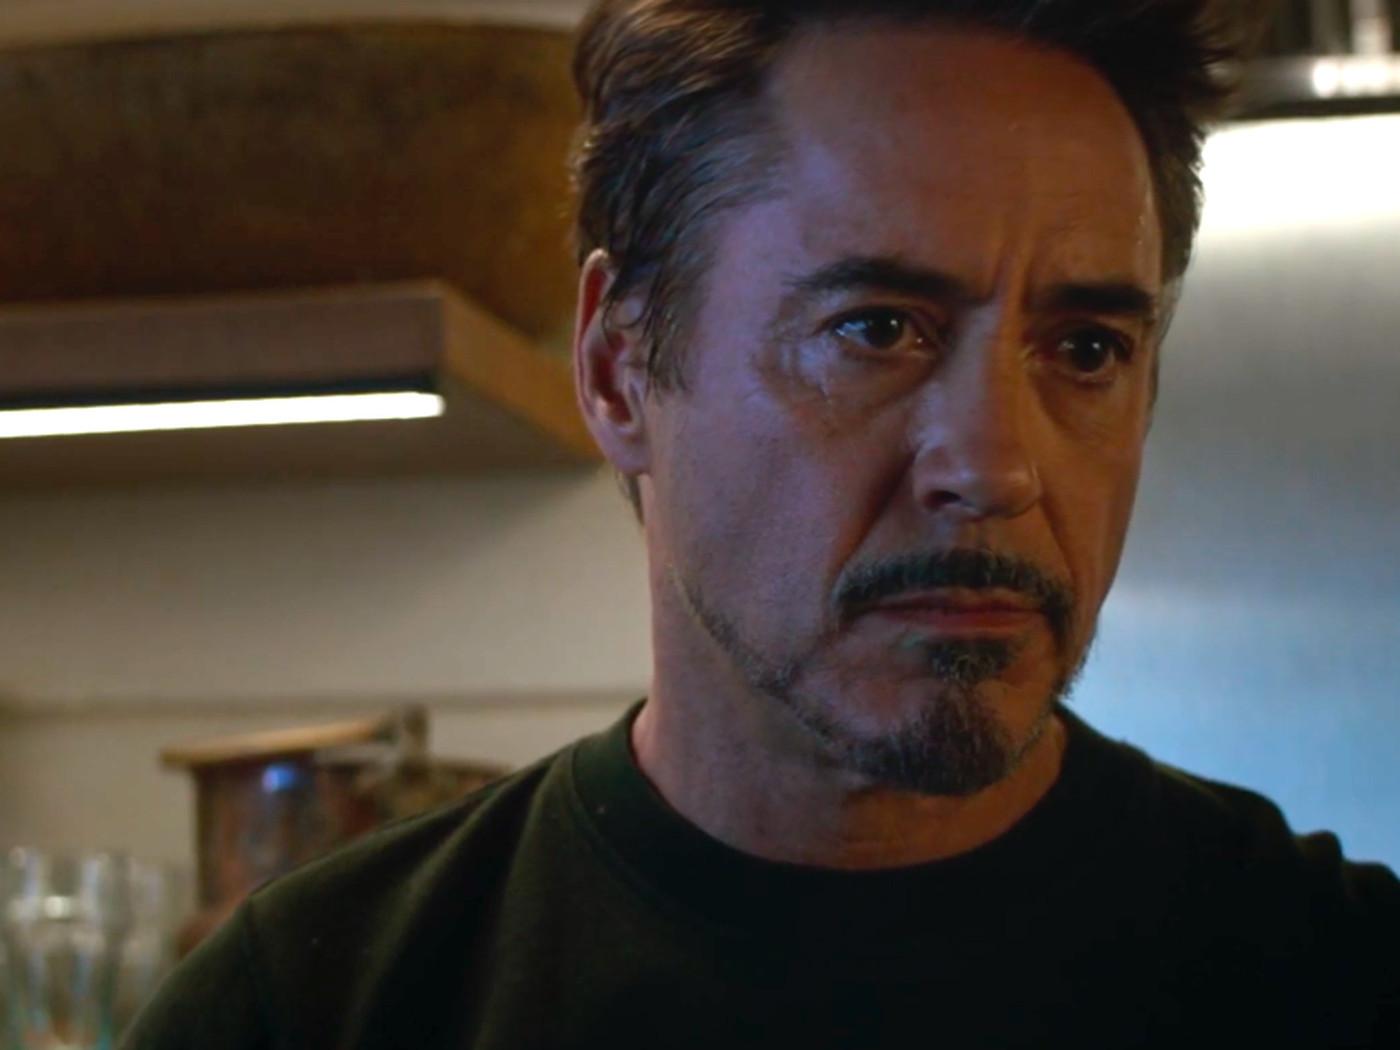 Avengers: Endgame: Iron Man & Captain America's relationship